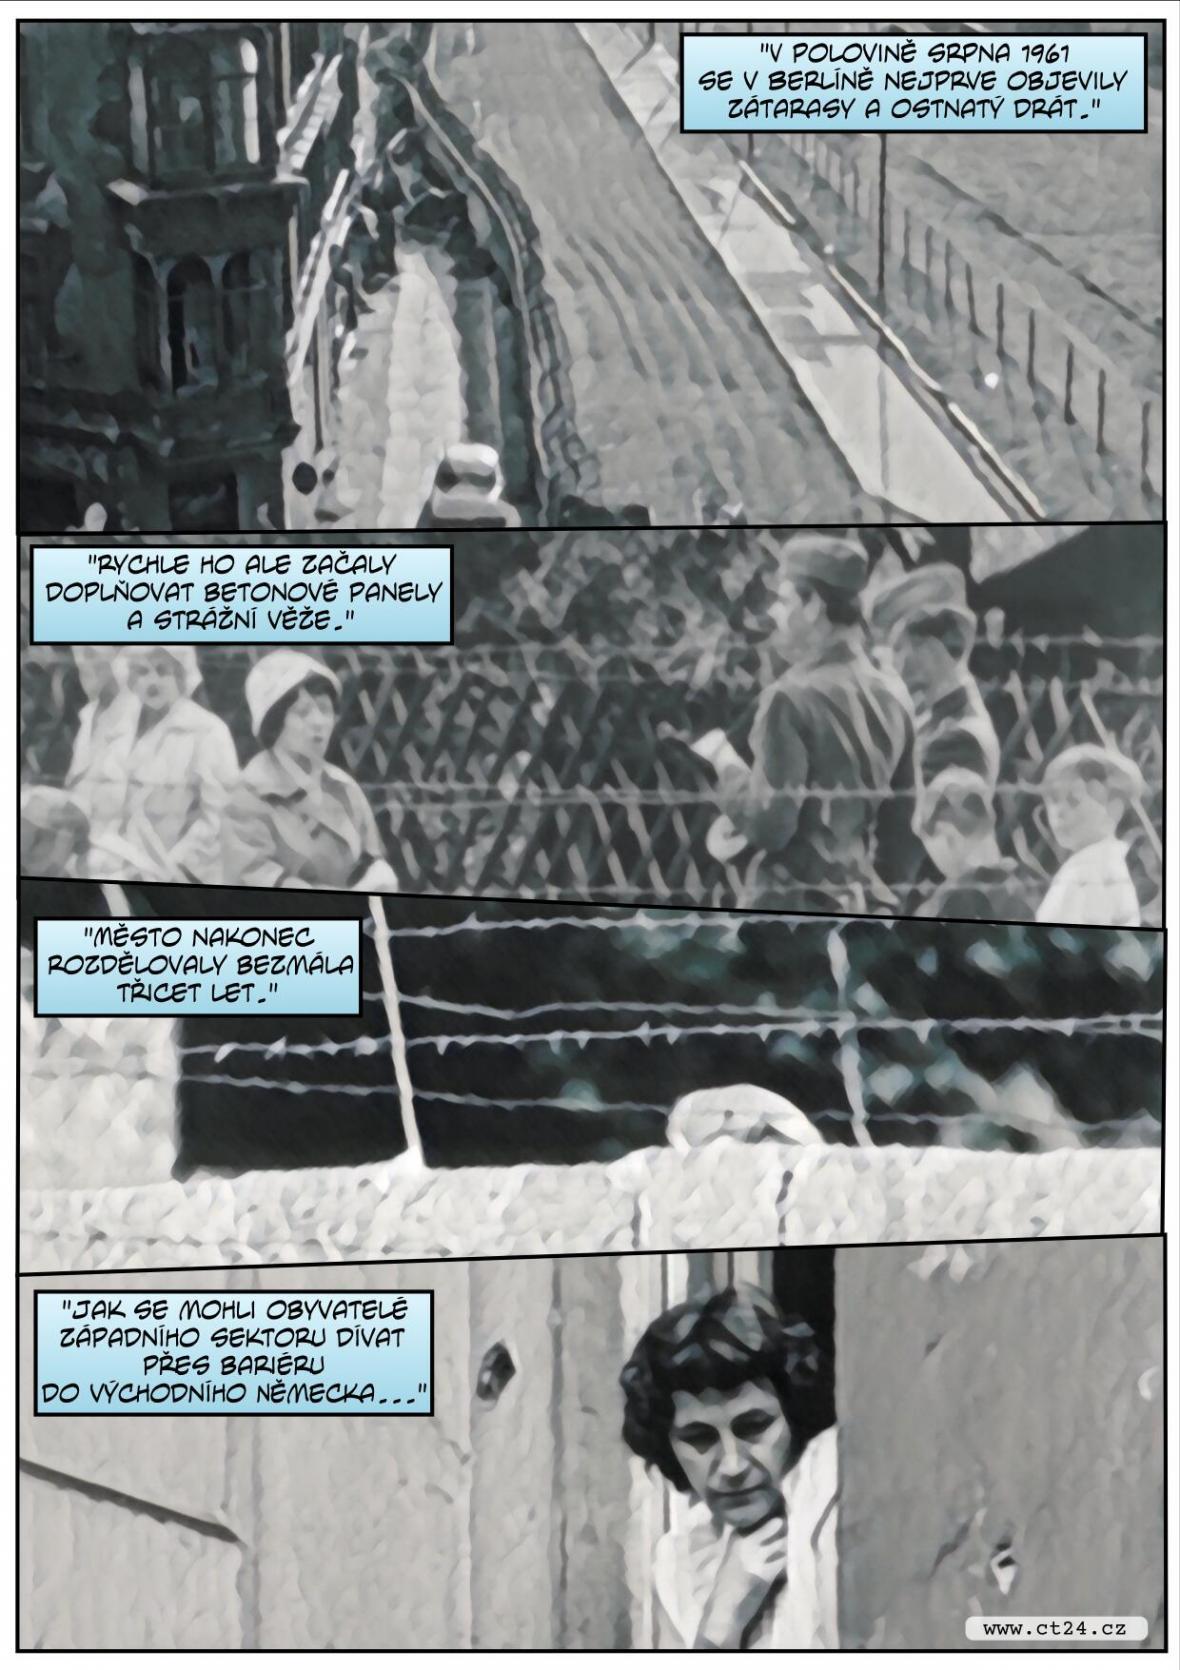 Panoramatická instalace připomíná Berlínskou zeď, která rozdělila osud lidí i rodin